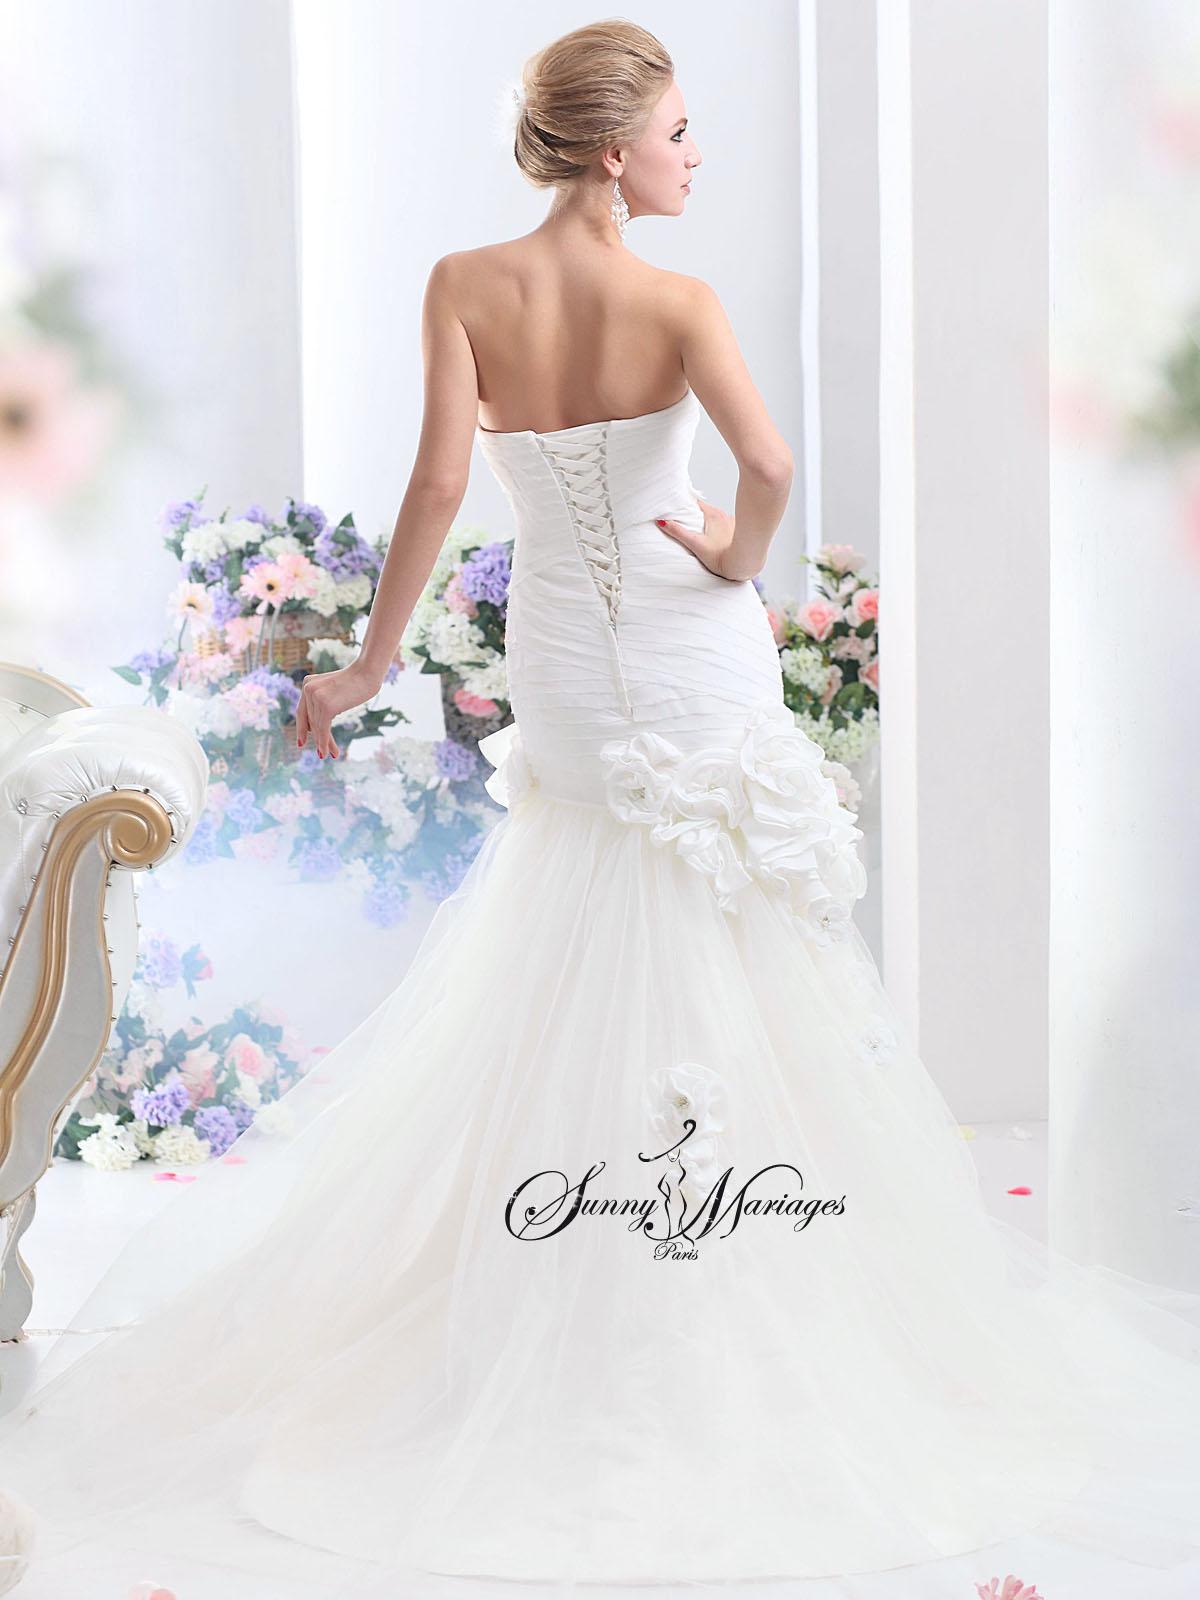 robe de mariee sirene avec un bustier droit ou coeur au choix  ce modele de robe de mariage fait